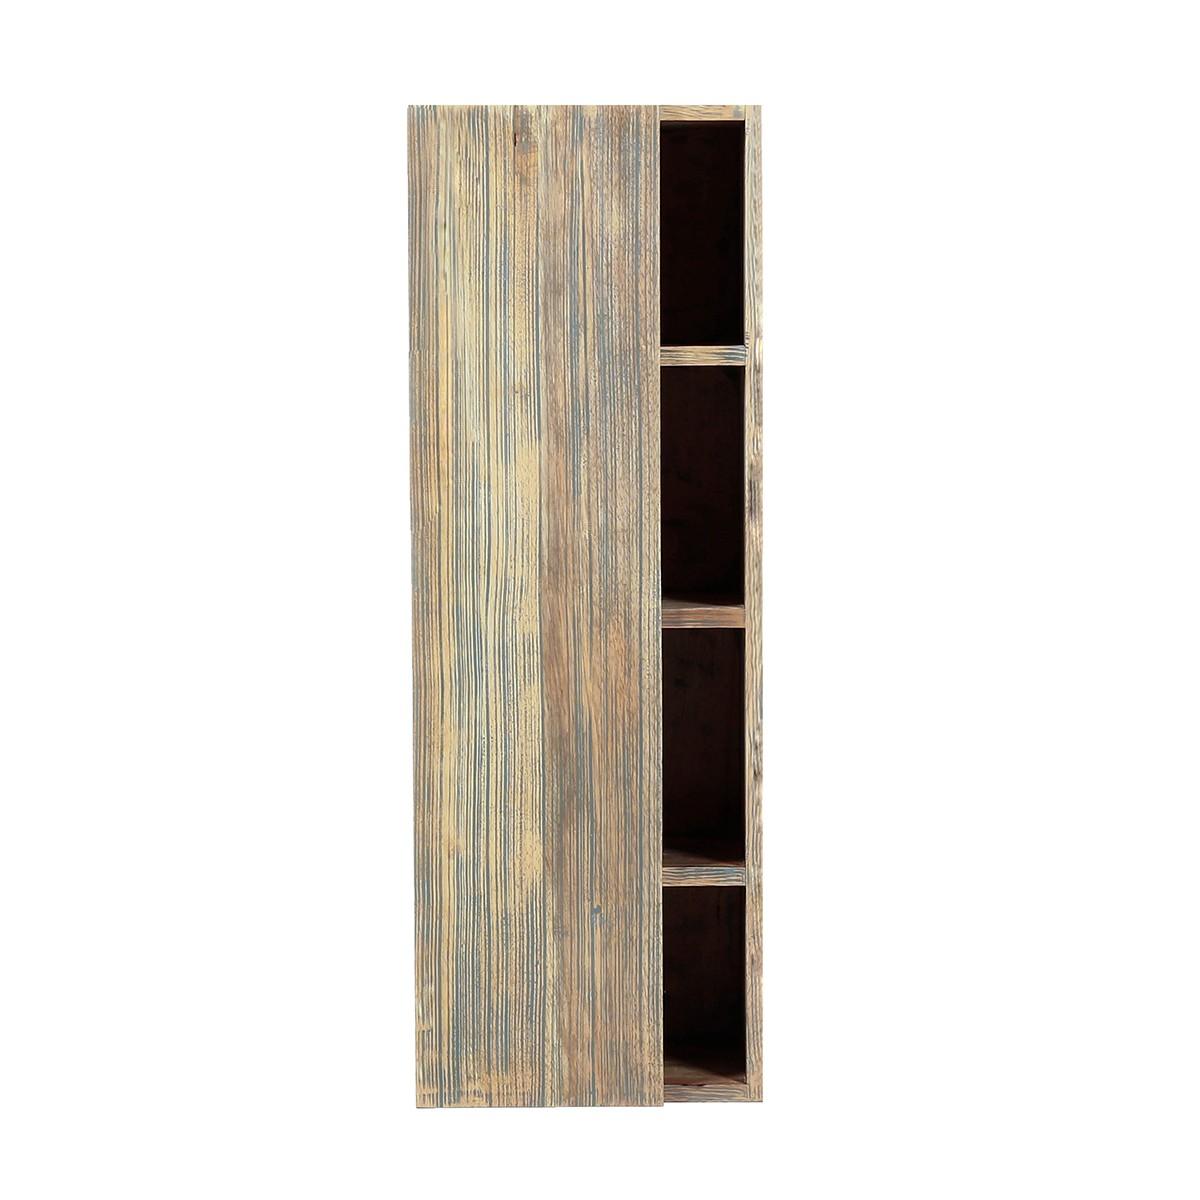 Colonne de salle de bain suspendue en bois d'hévéa 100 cm